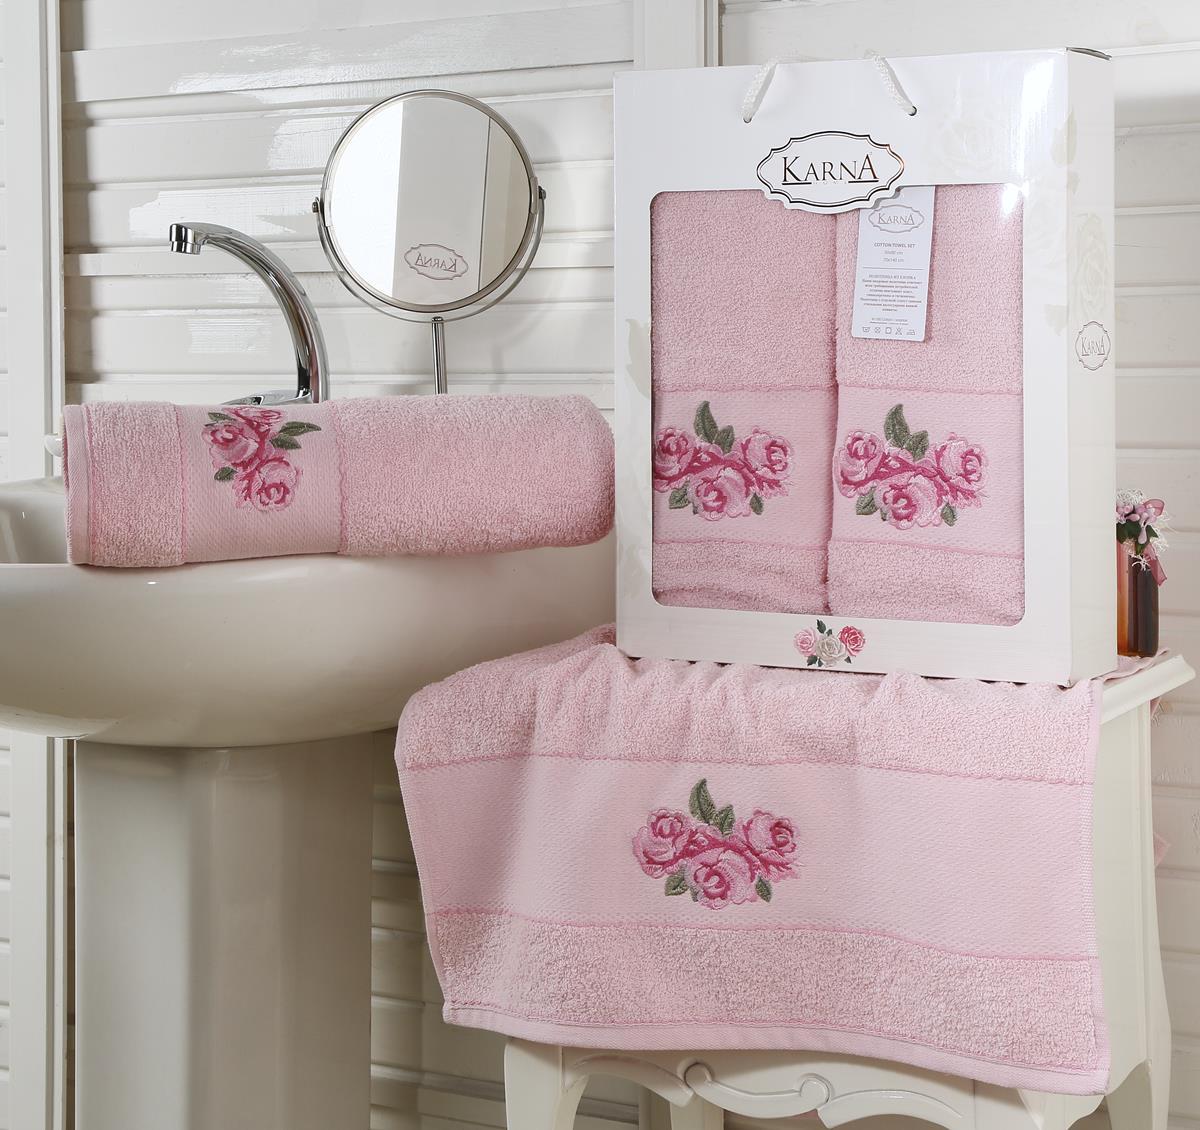 Полотенца Karna Полотенце Havin Цвет: Розовый (Набор) полотенце махровое karna с жаккардом iteka 70x140 см 1 1